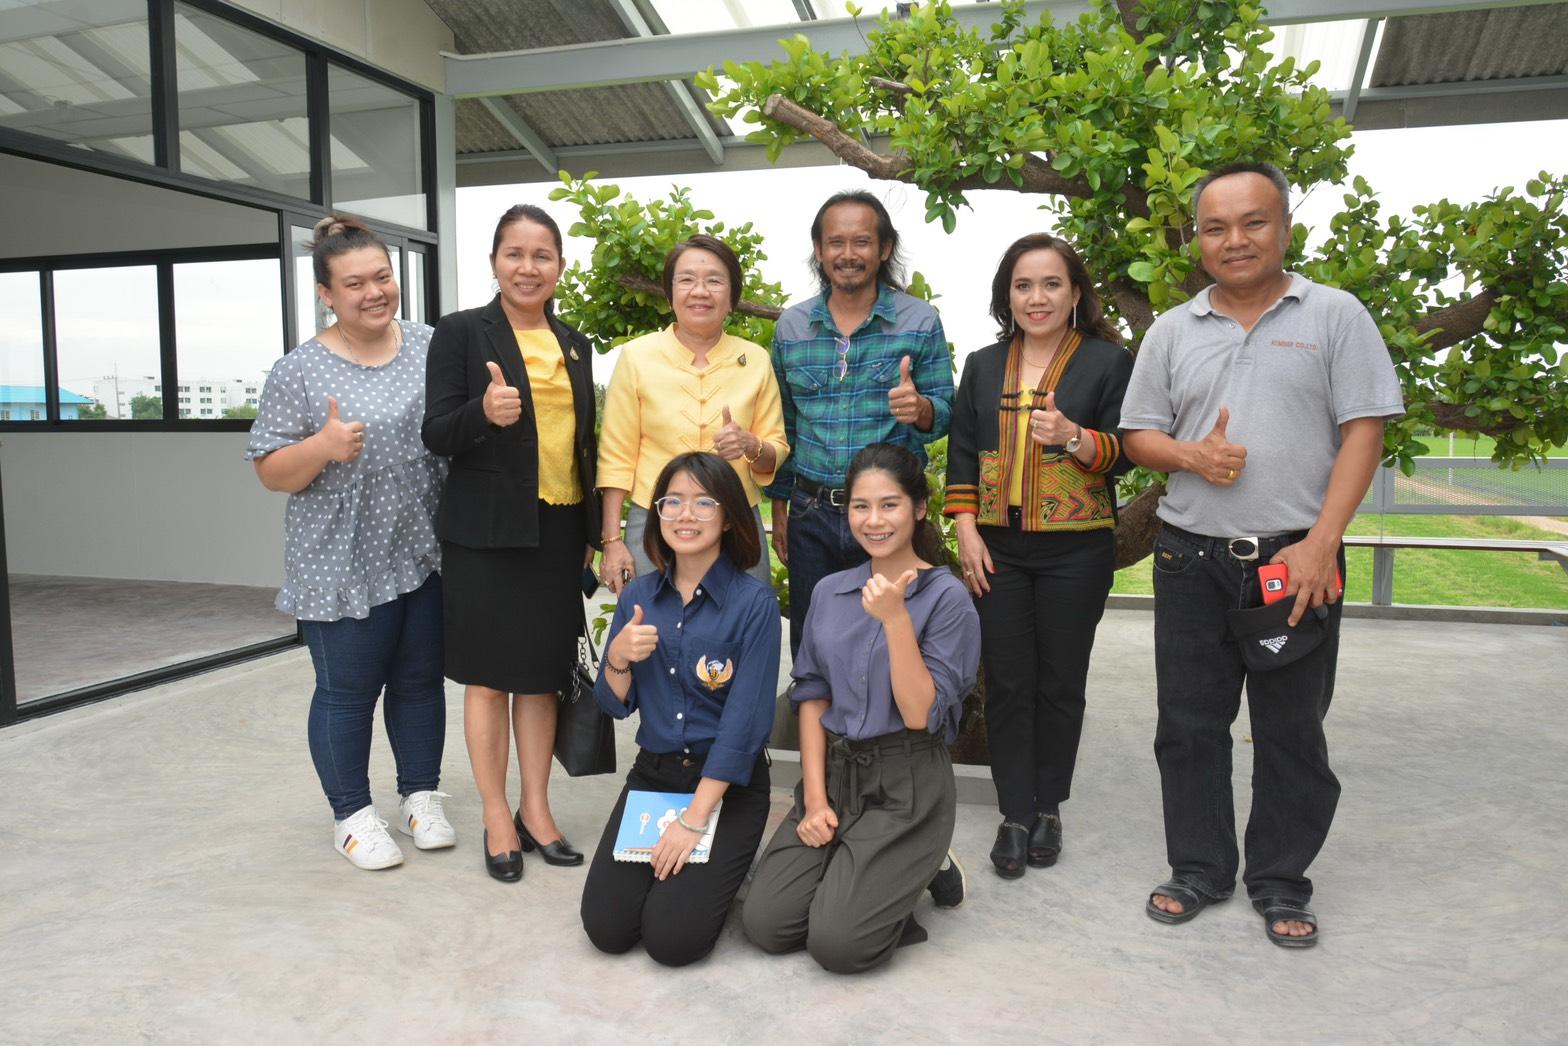 รองอธิบดีกรมการจัดหางานเยี่ยมศูนย์ฝึกอบรมและฟื้นฟูเยียวยาแรงงานไทยและแรงงานข้ามชาติ